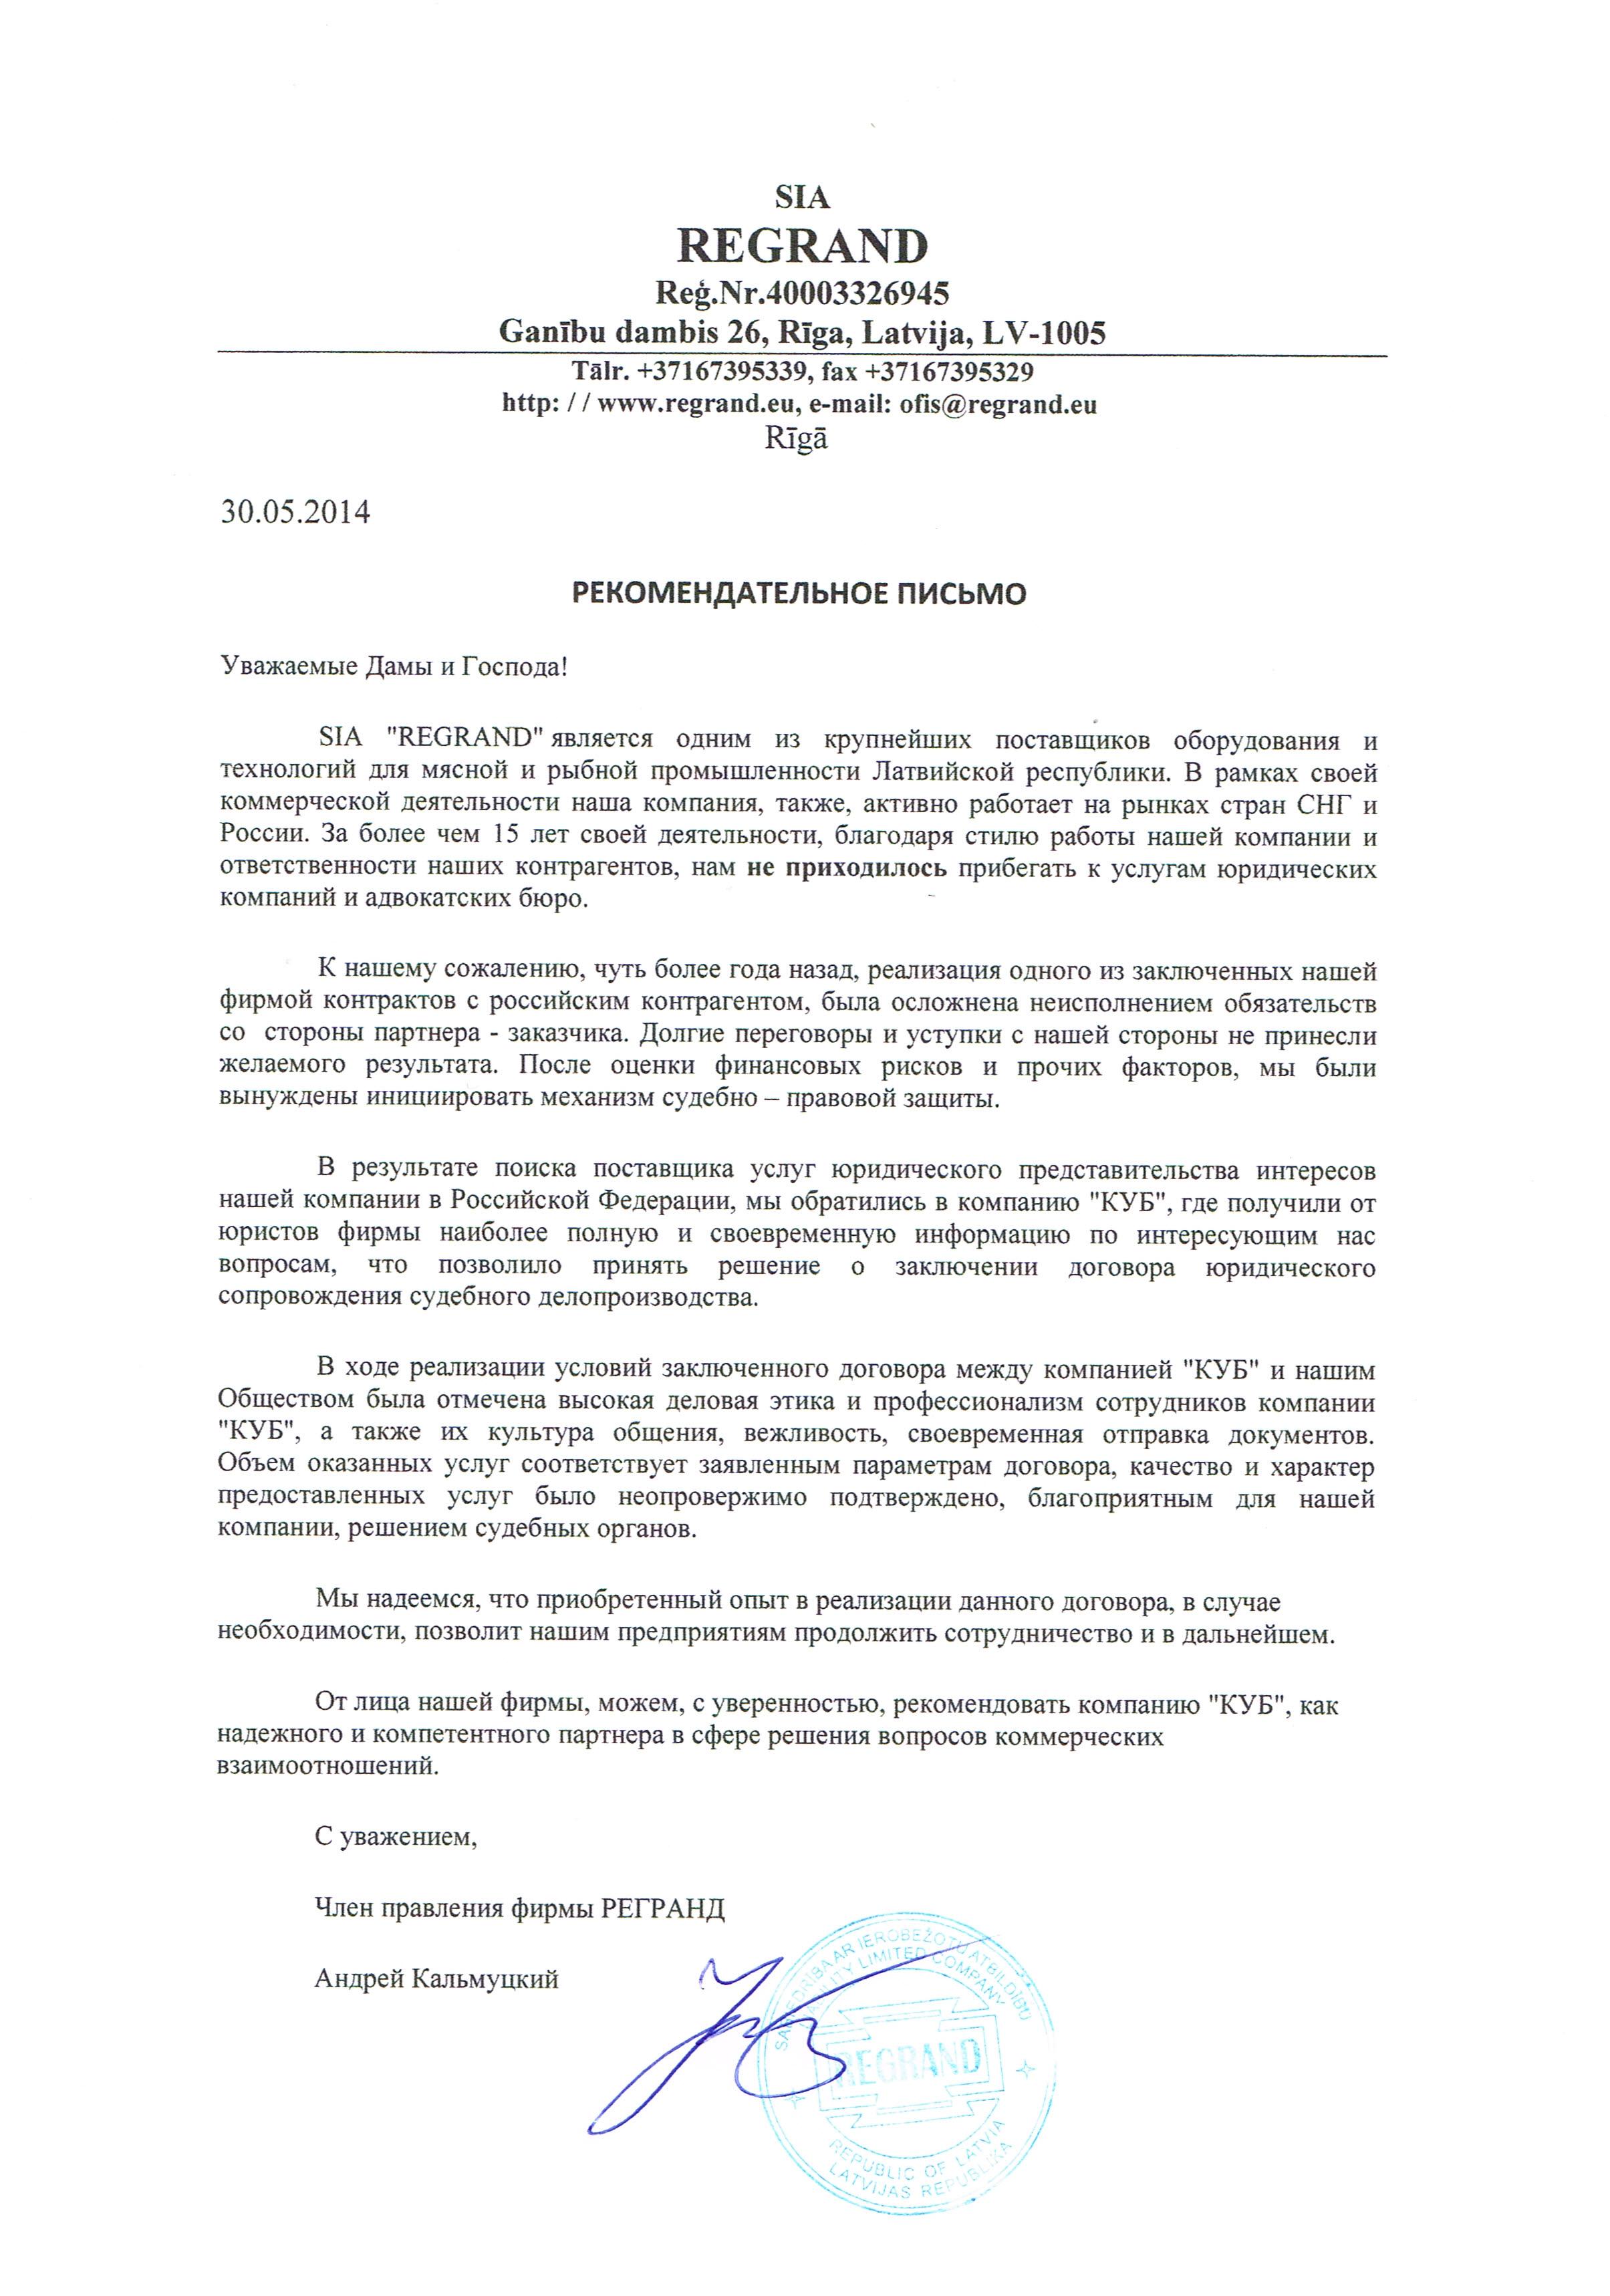 Письмо Регранд